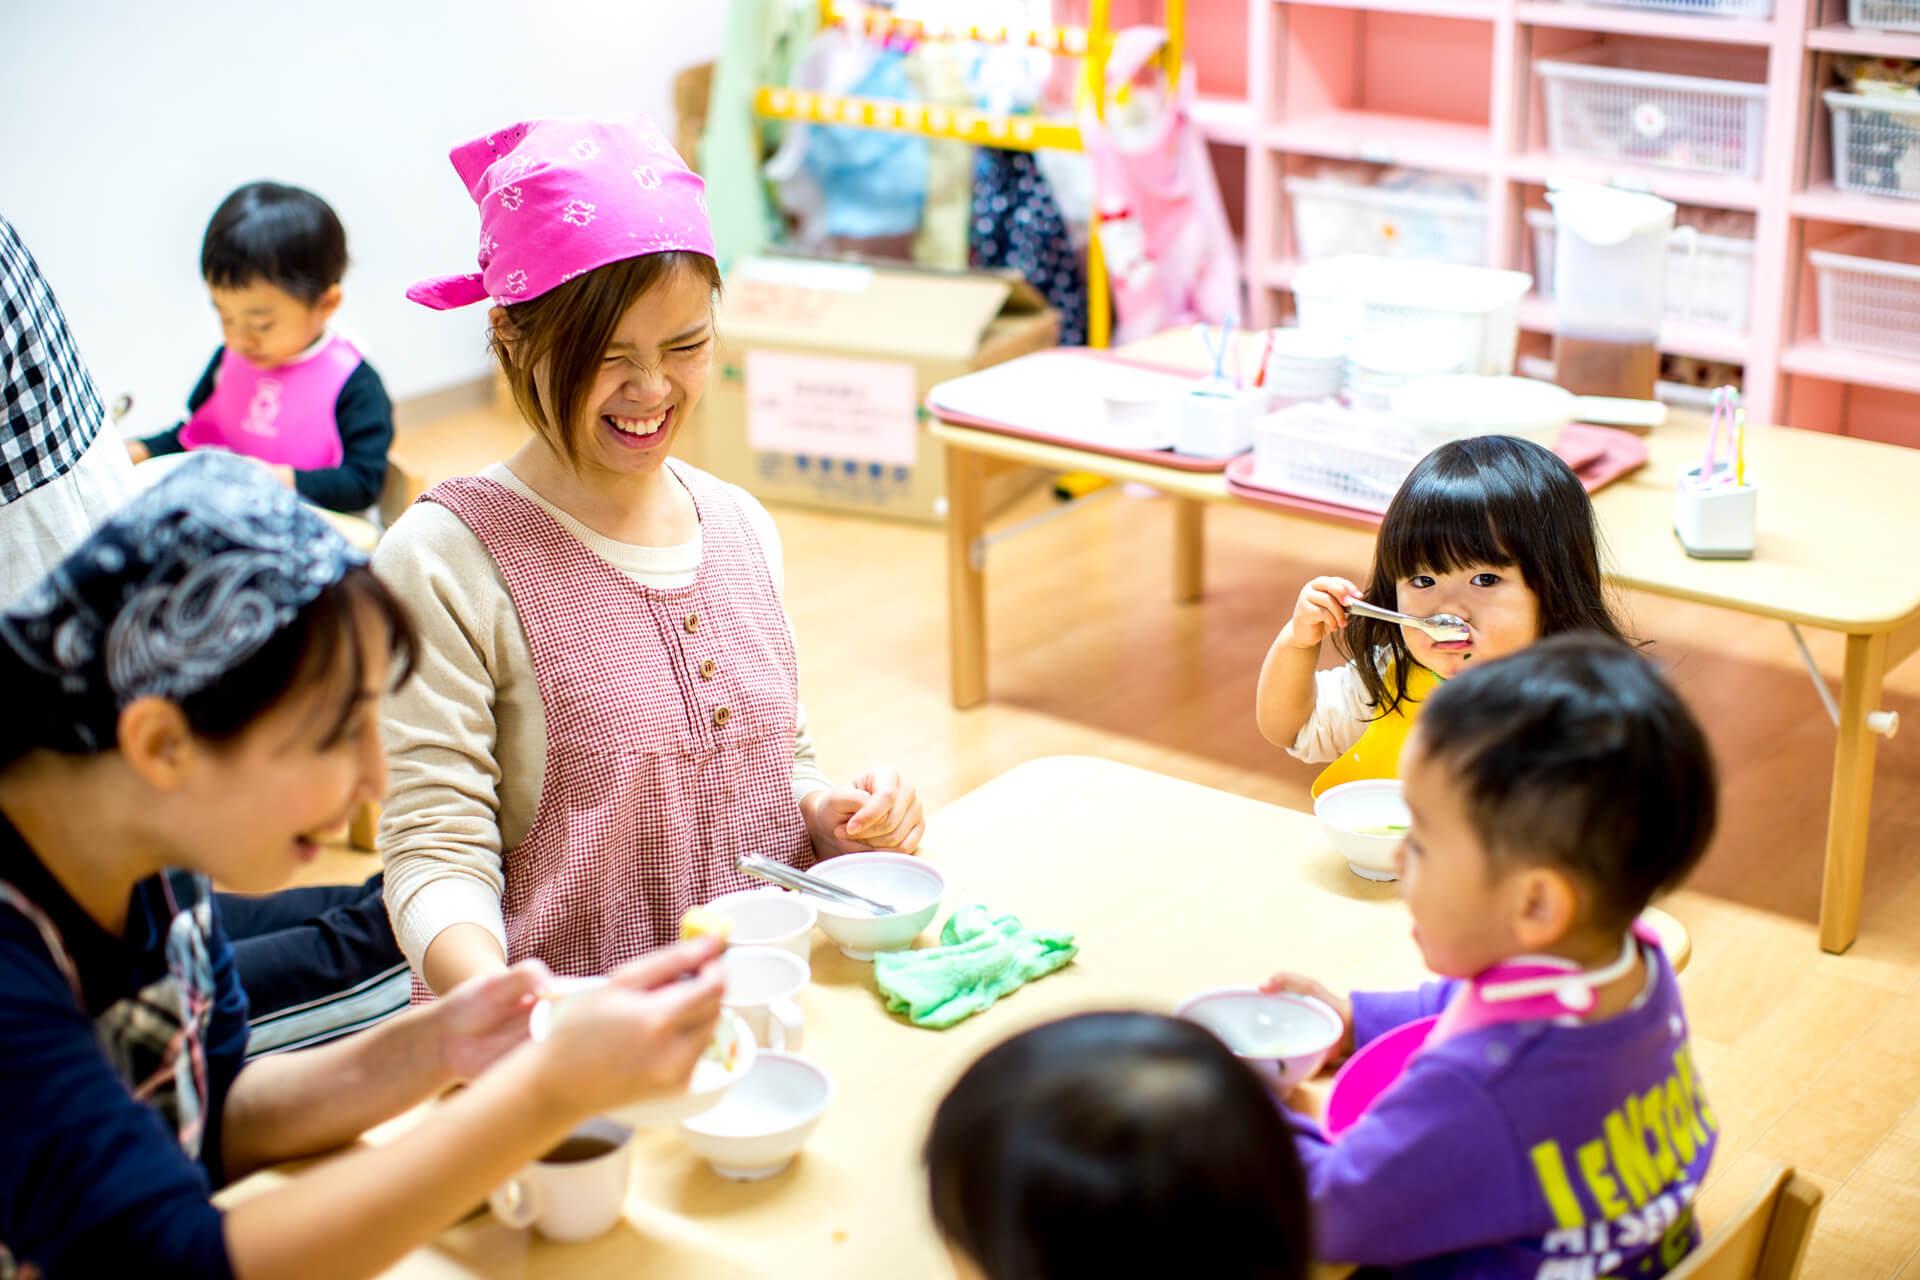 子どもたちと過ごす時間が長く、より信頼関係を築ける保育園に